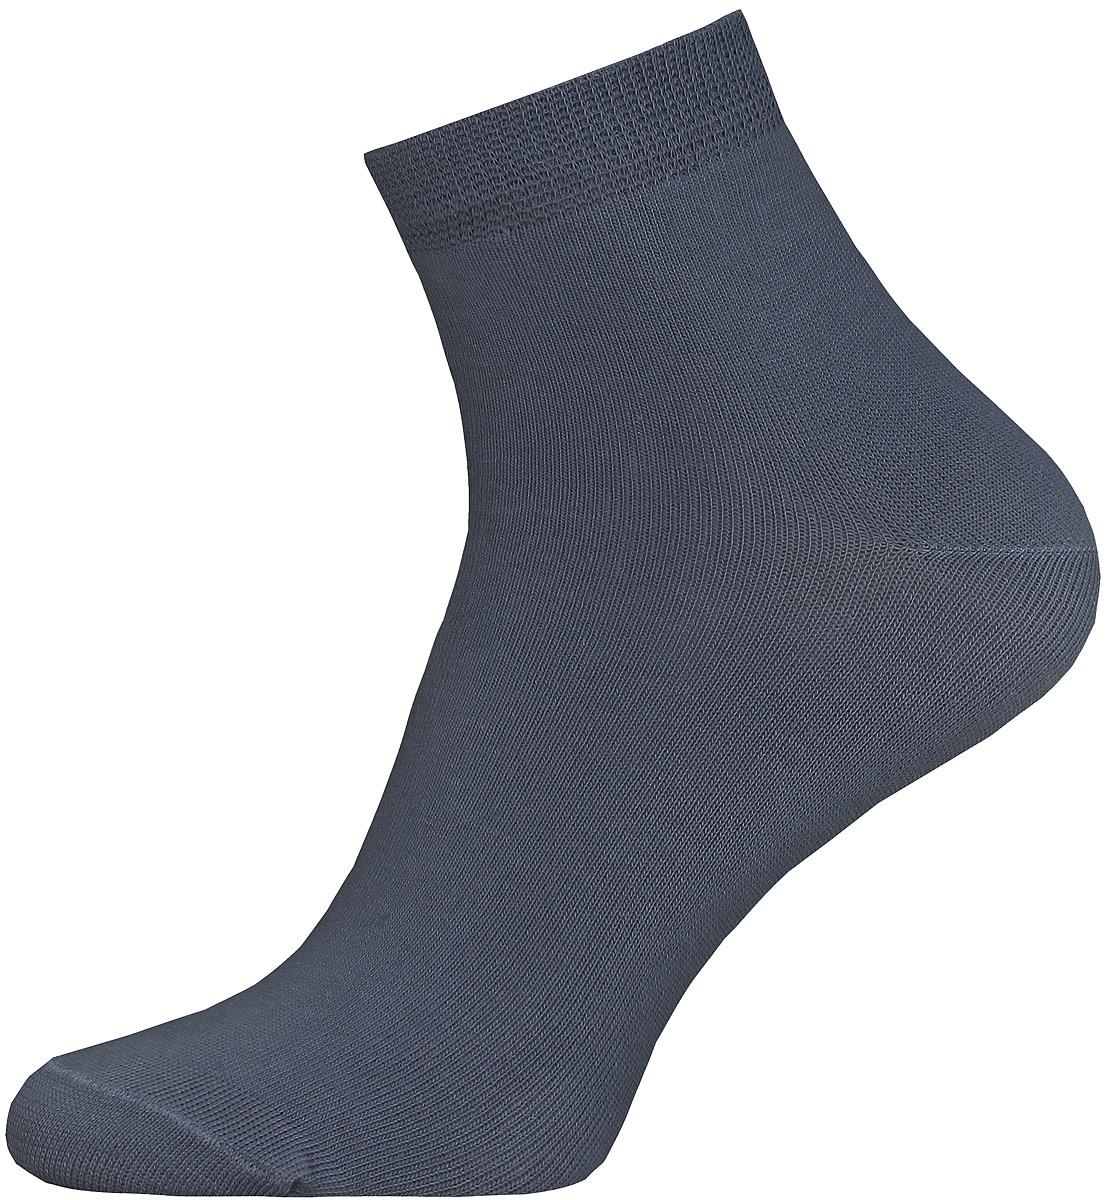 Носки мужские Брестские Classic, цвет: темно-серый. 14С2124/000. Размер 2914С2124/000Мужские гладкие носки Брестские Classic изготовлены из хлопка с добавлением полиэстера и эластана. На модели предусмотрен укороченный двойной борт. Носки хорошо держат форму и обладают повышенной воздухопроницаемостью, имеют усиленные пятку и мысок для повышенной износостойкости.